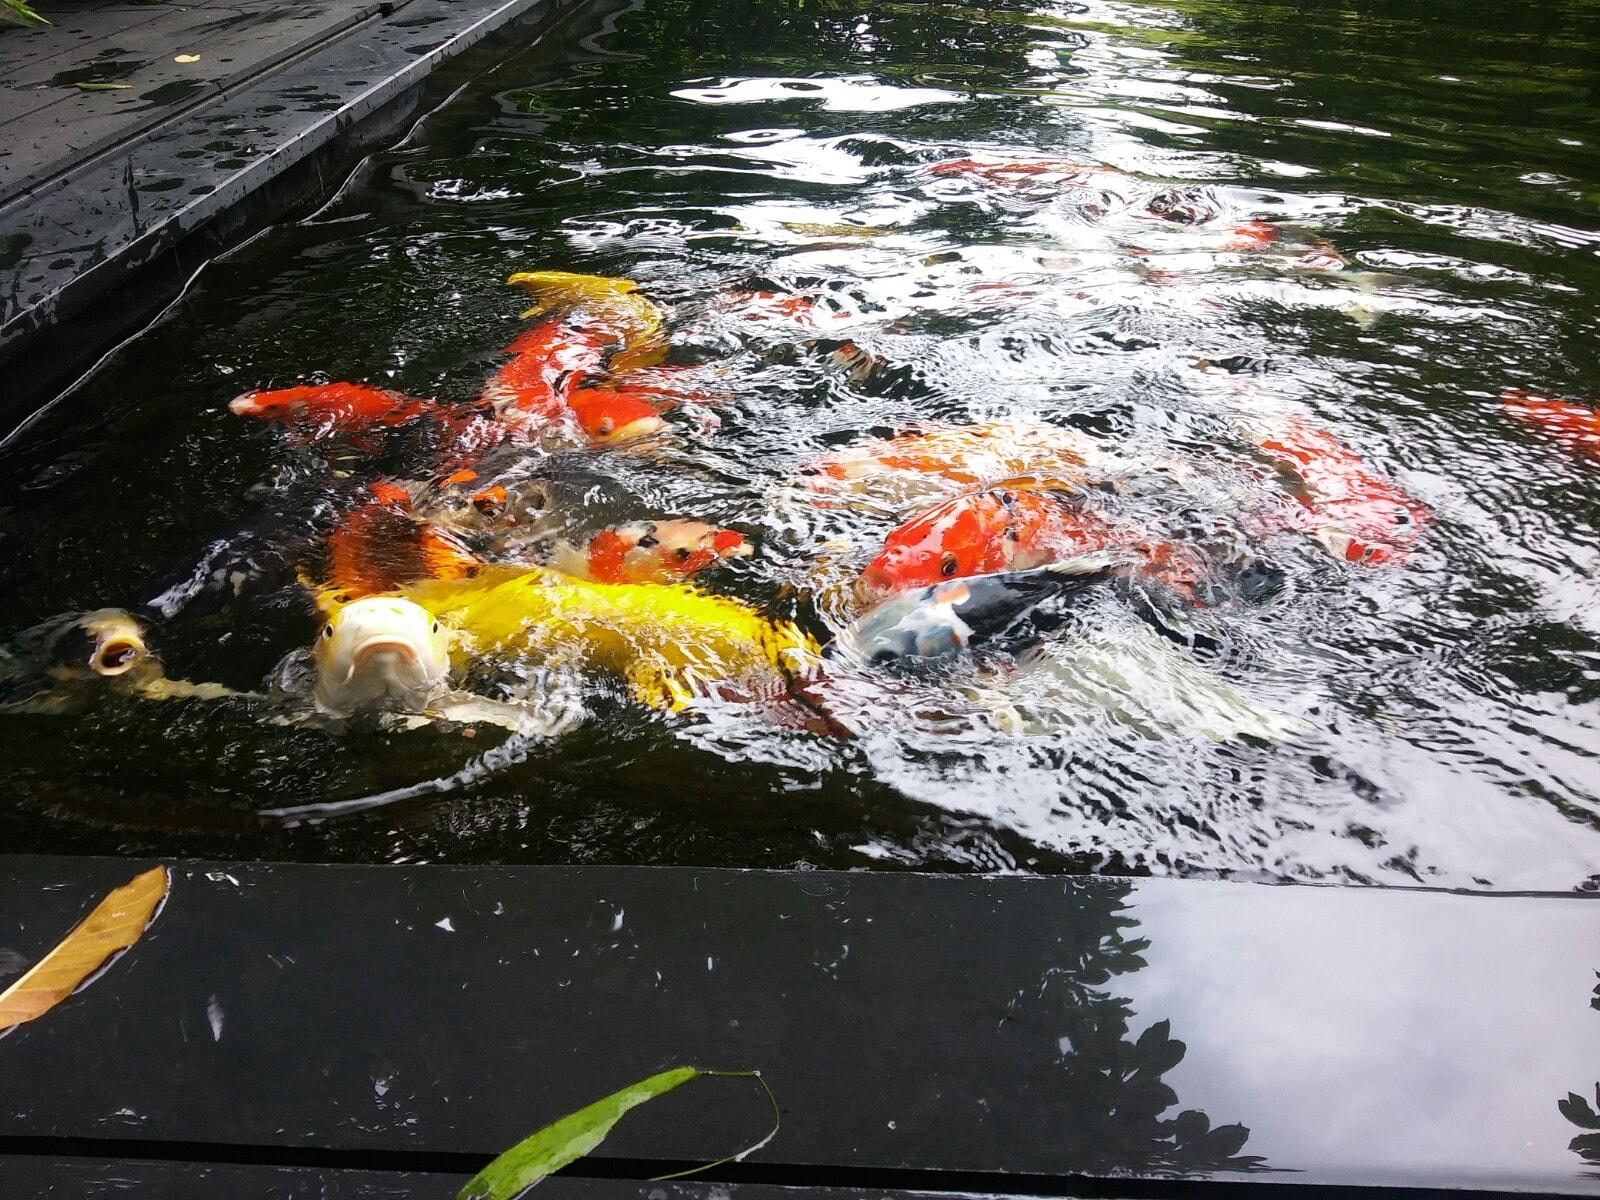 Hồ cá Koi sân vườn tại Phú Mỹ Hưng _ Quận 7 _ TP. Hồ Chí Minh